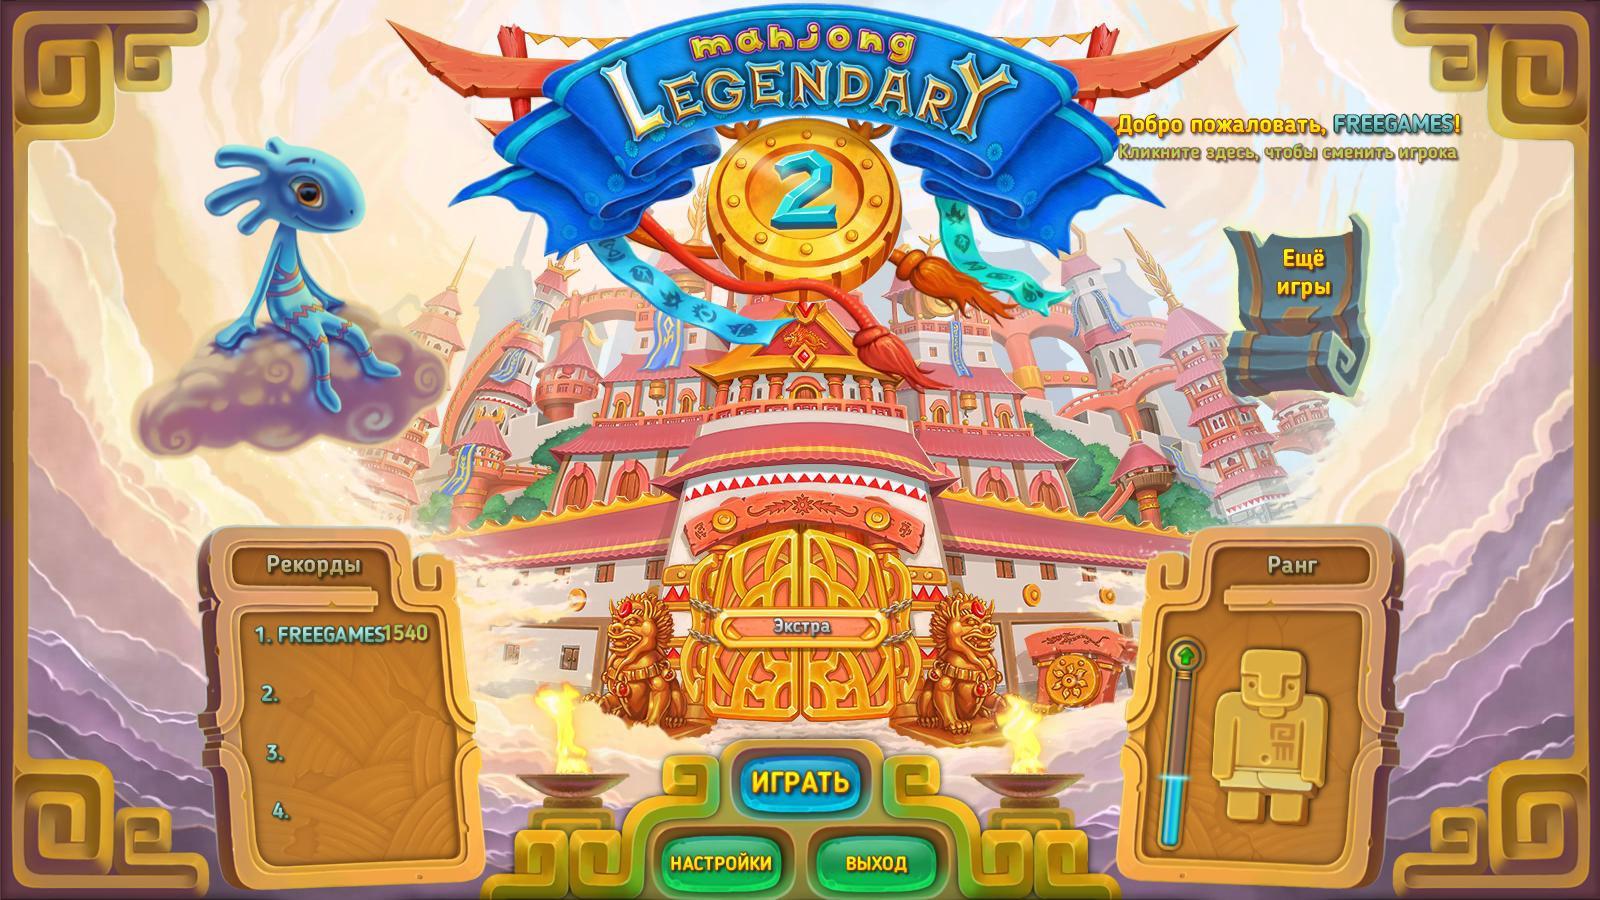 Легендарный маджонг 2 | Legendary Mahjong 2 (Rus)